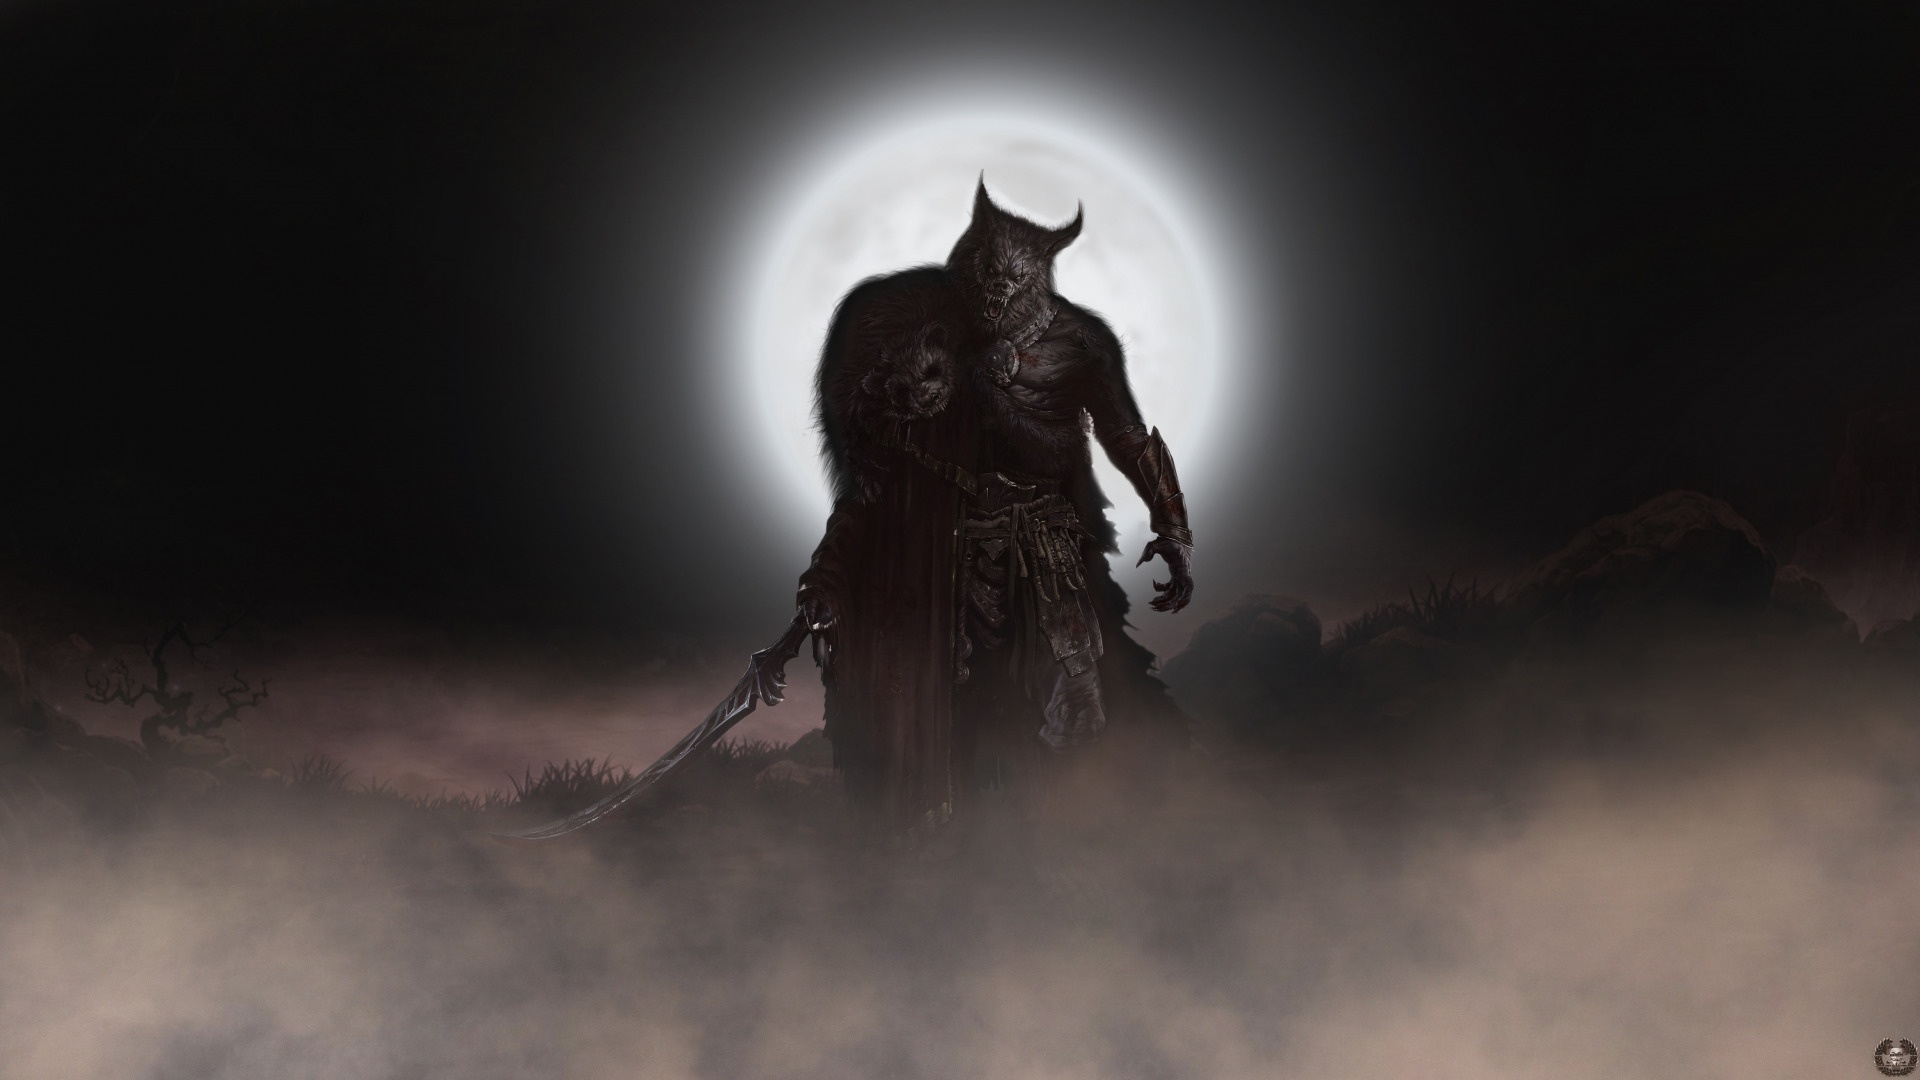 Werewolf free picture